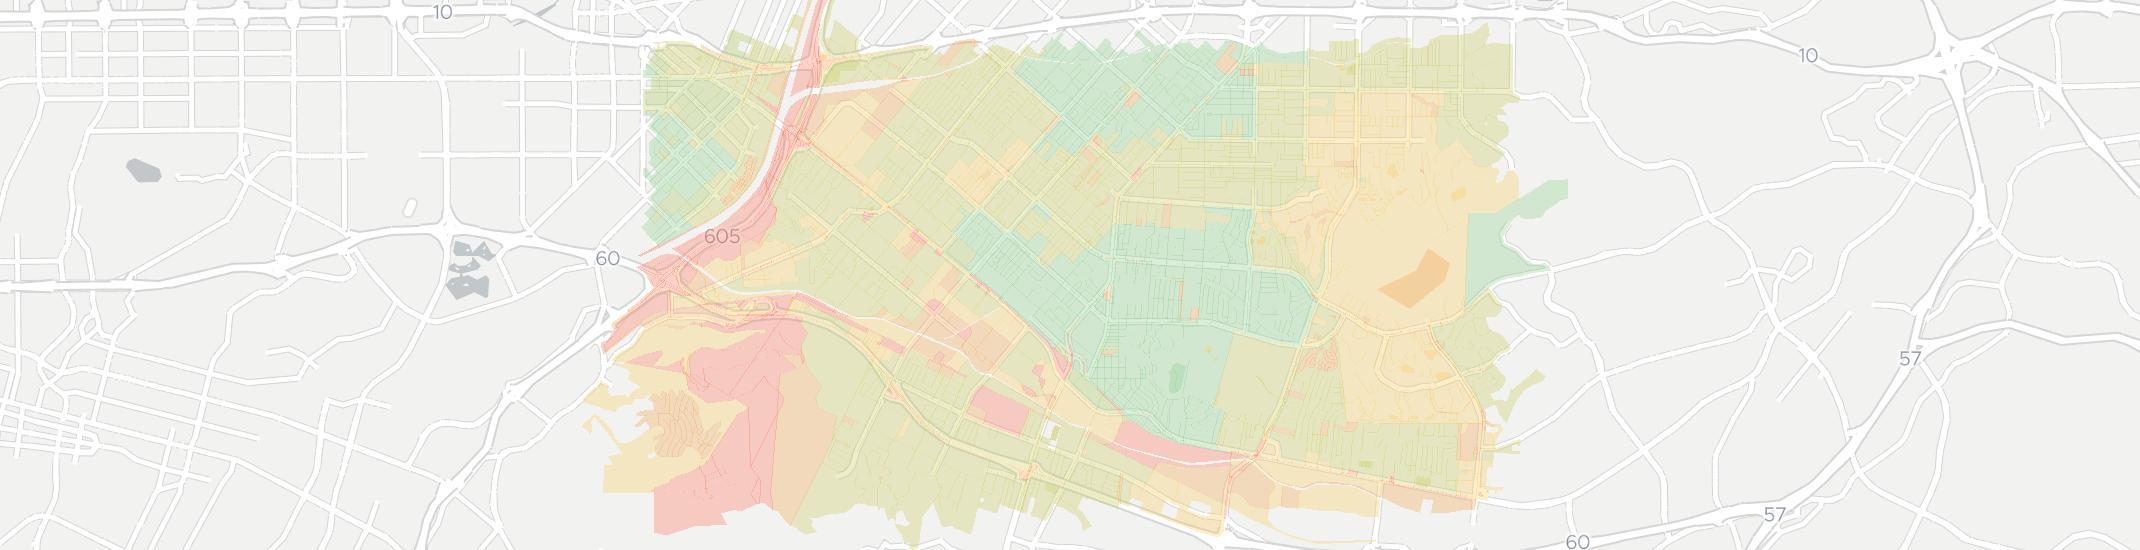 La Puente Zip Code Map.Internet Providers In La Puente Compare 17 Providers